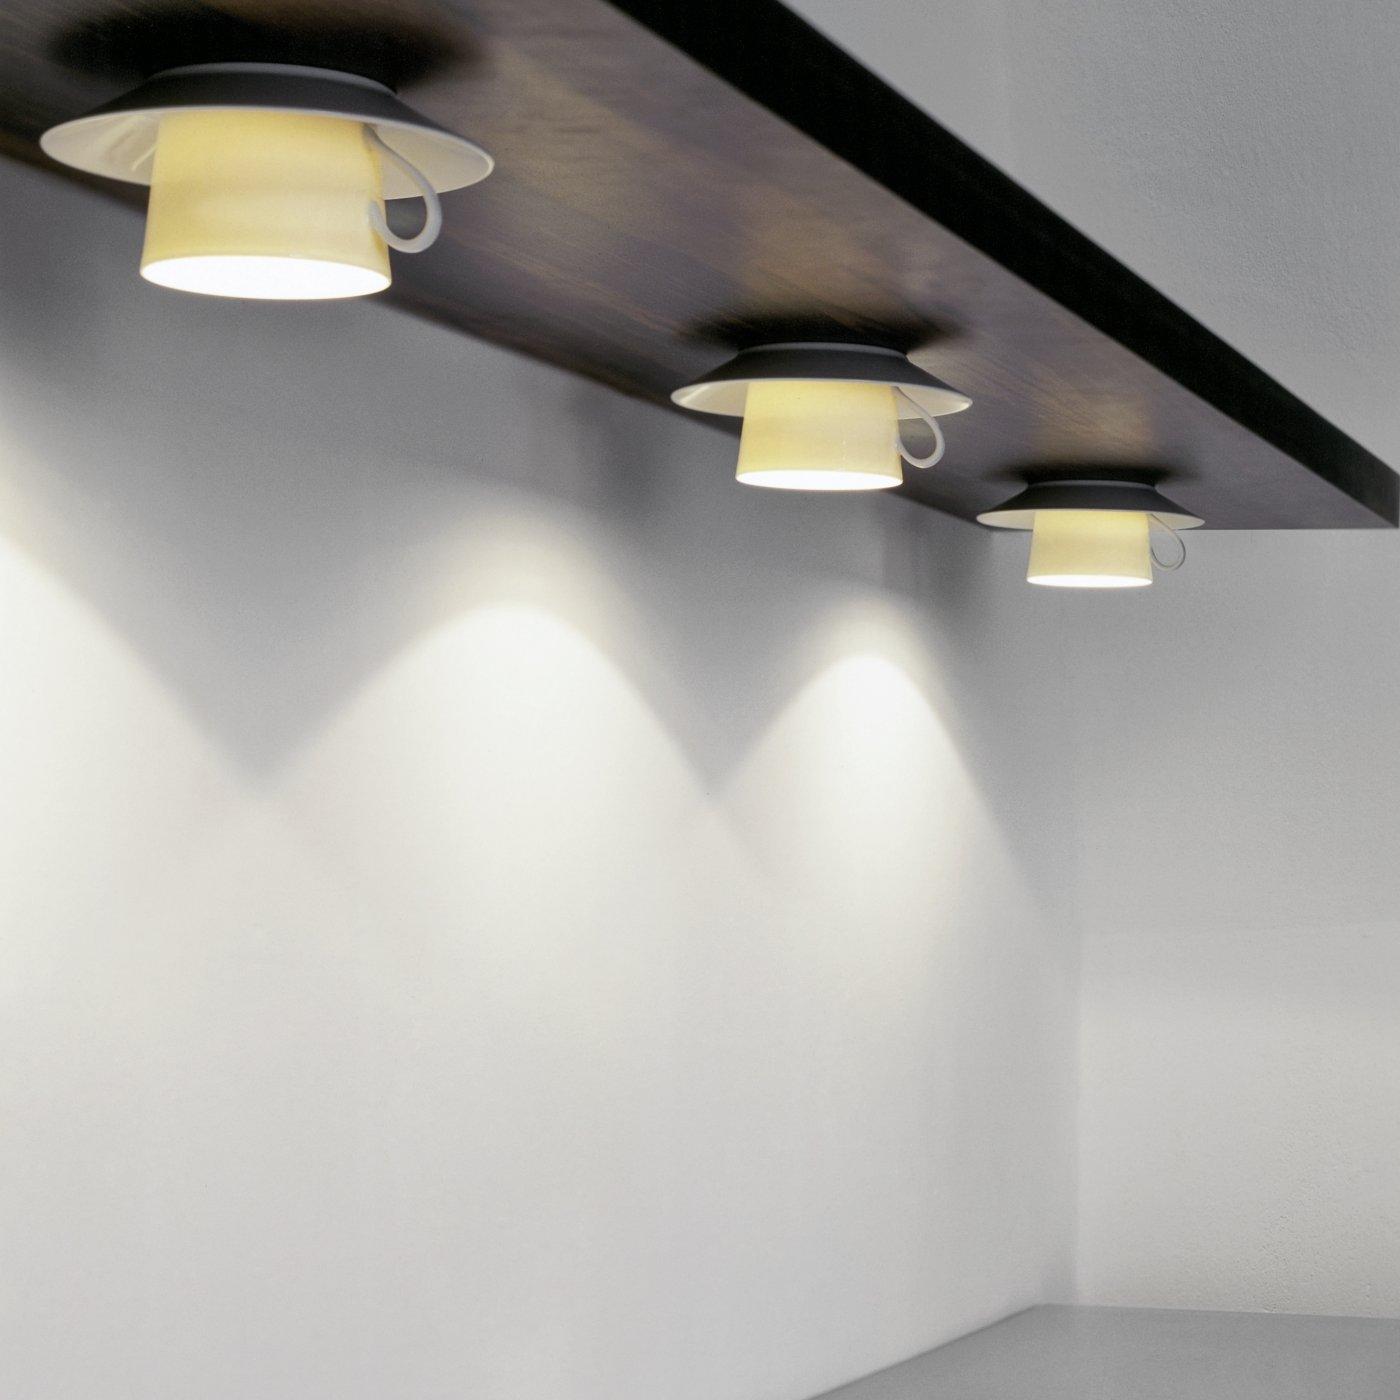 Küchen Hängeschrank Beleuchtung Haus Design Ideen ...